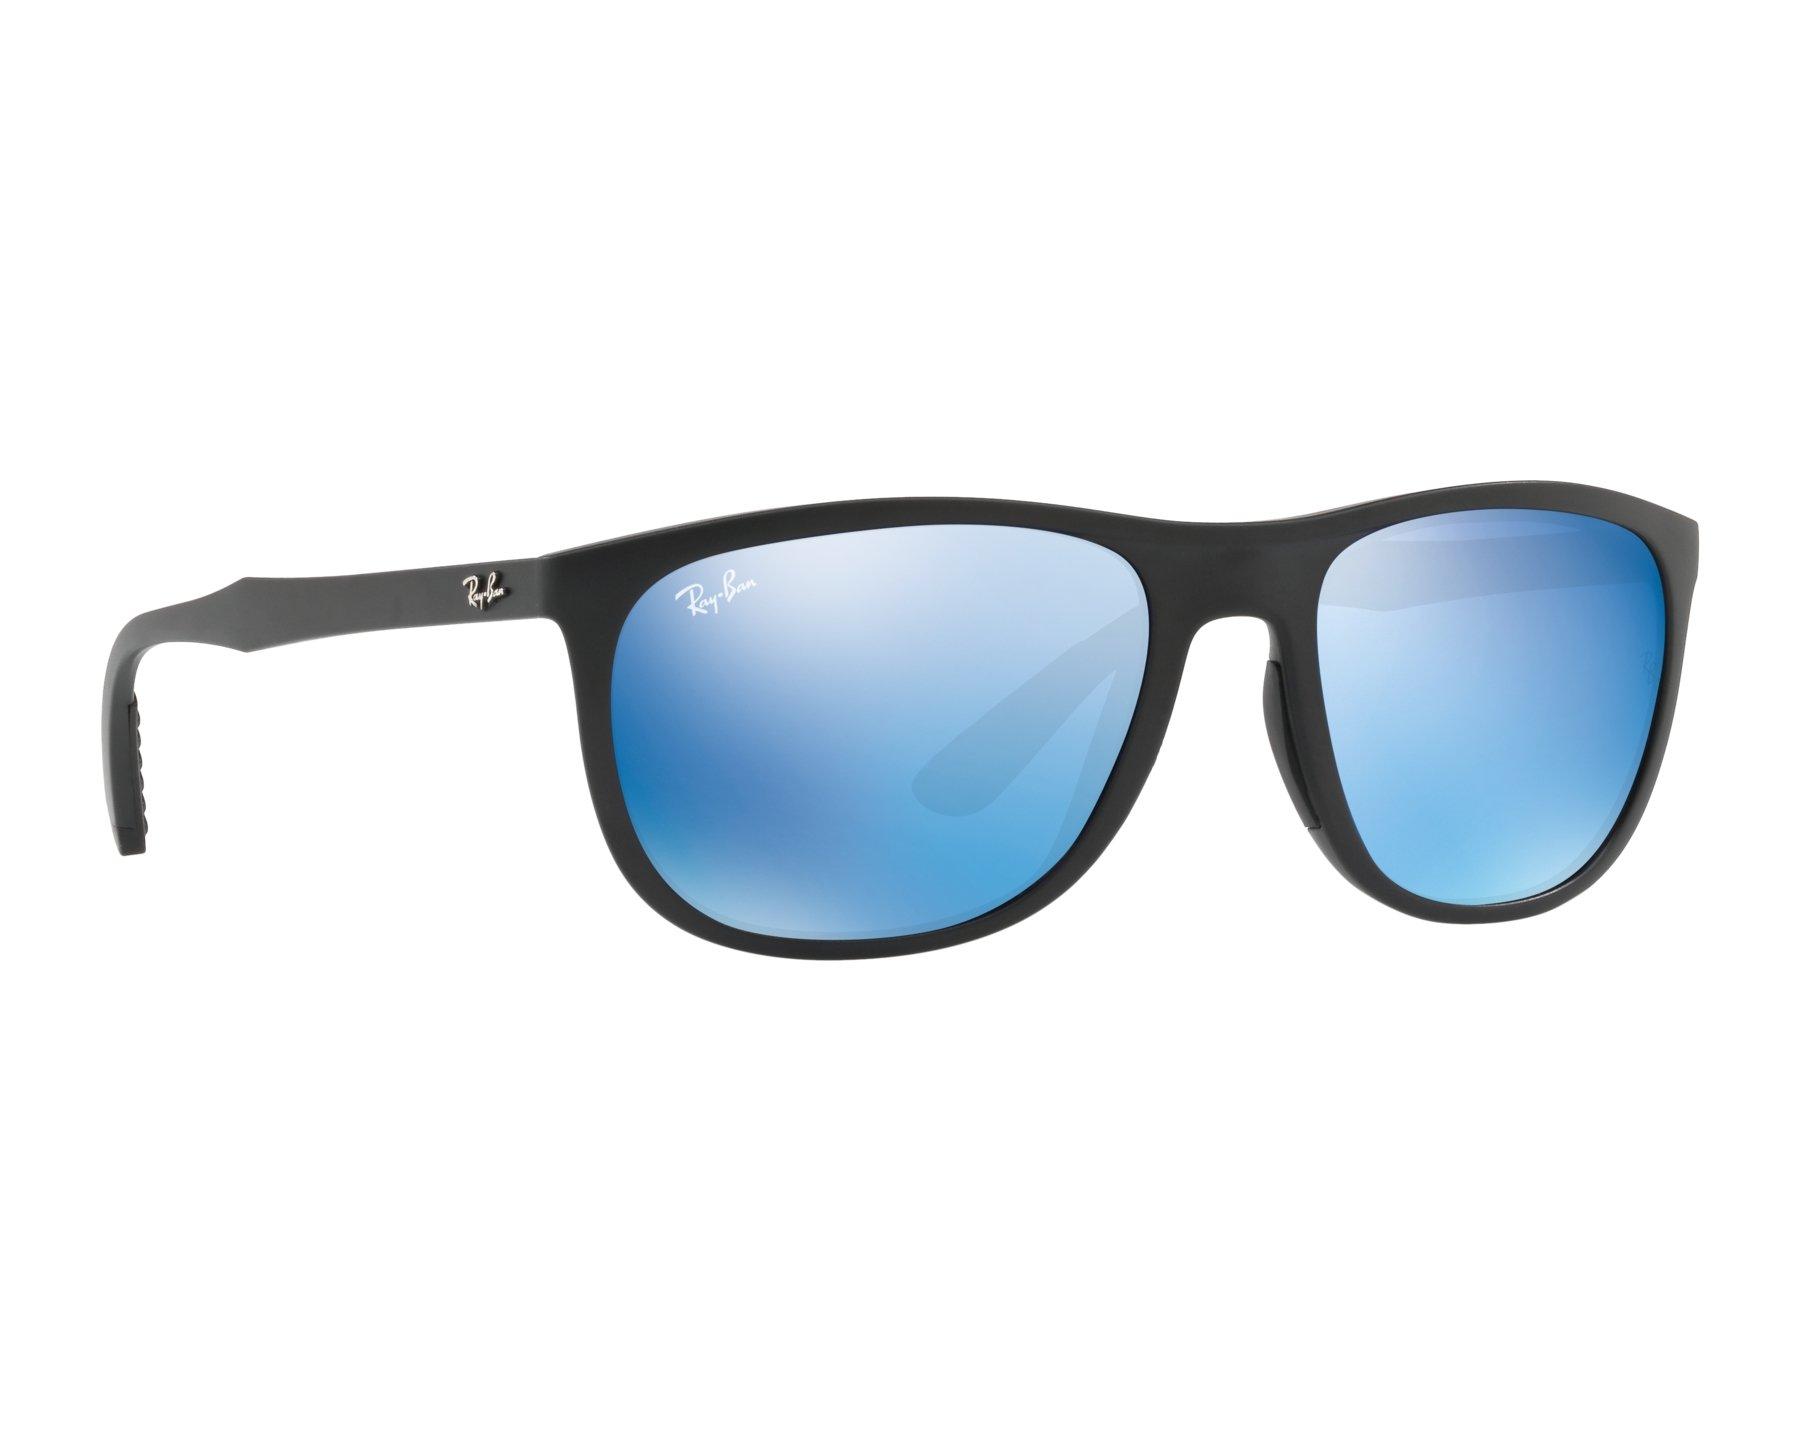 lunettes de soleil ray ban rb 4291 601s55 noir avec des verres gris. Black Bedroom Furniture Sets. Home Design Ideas